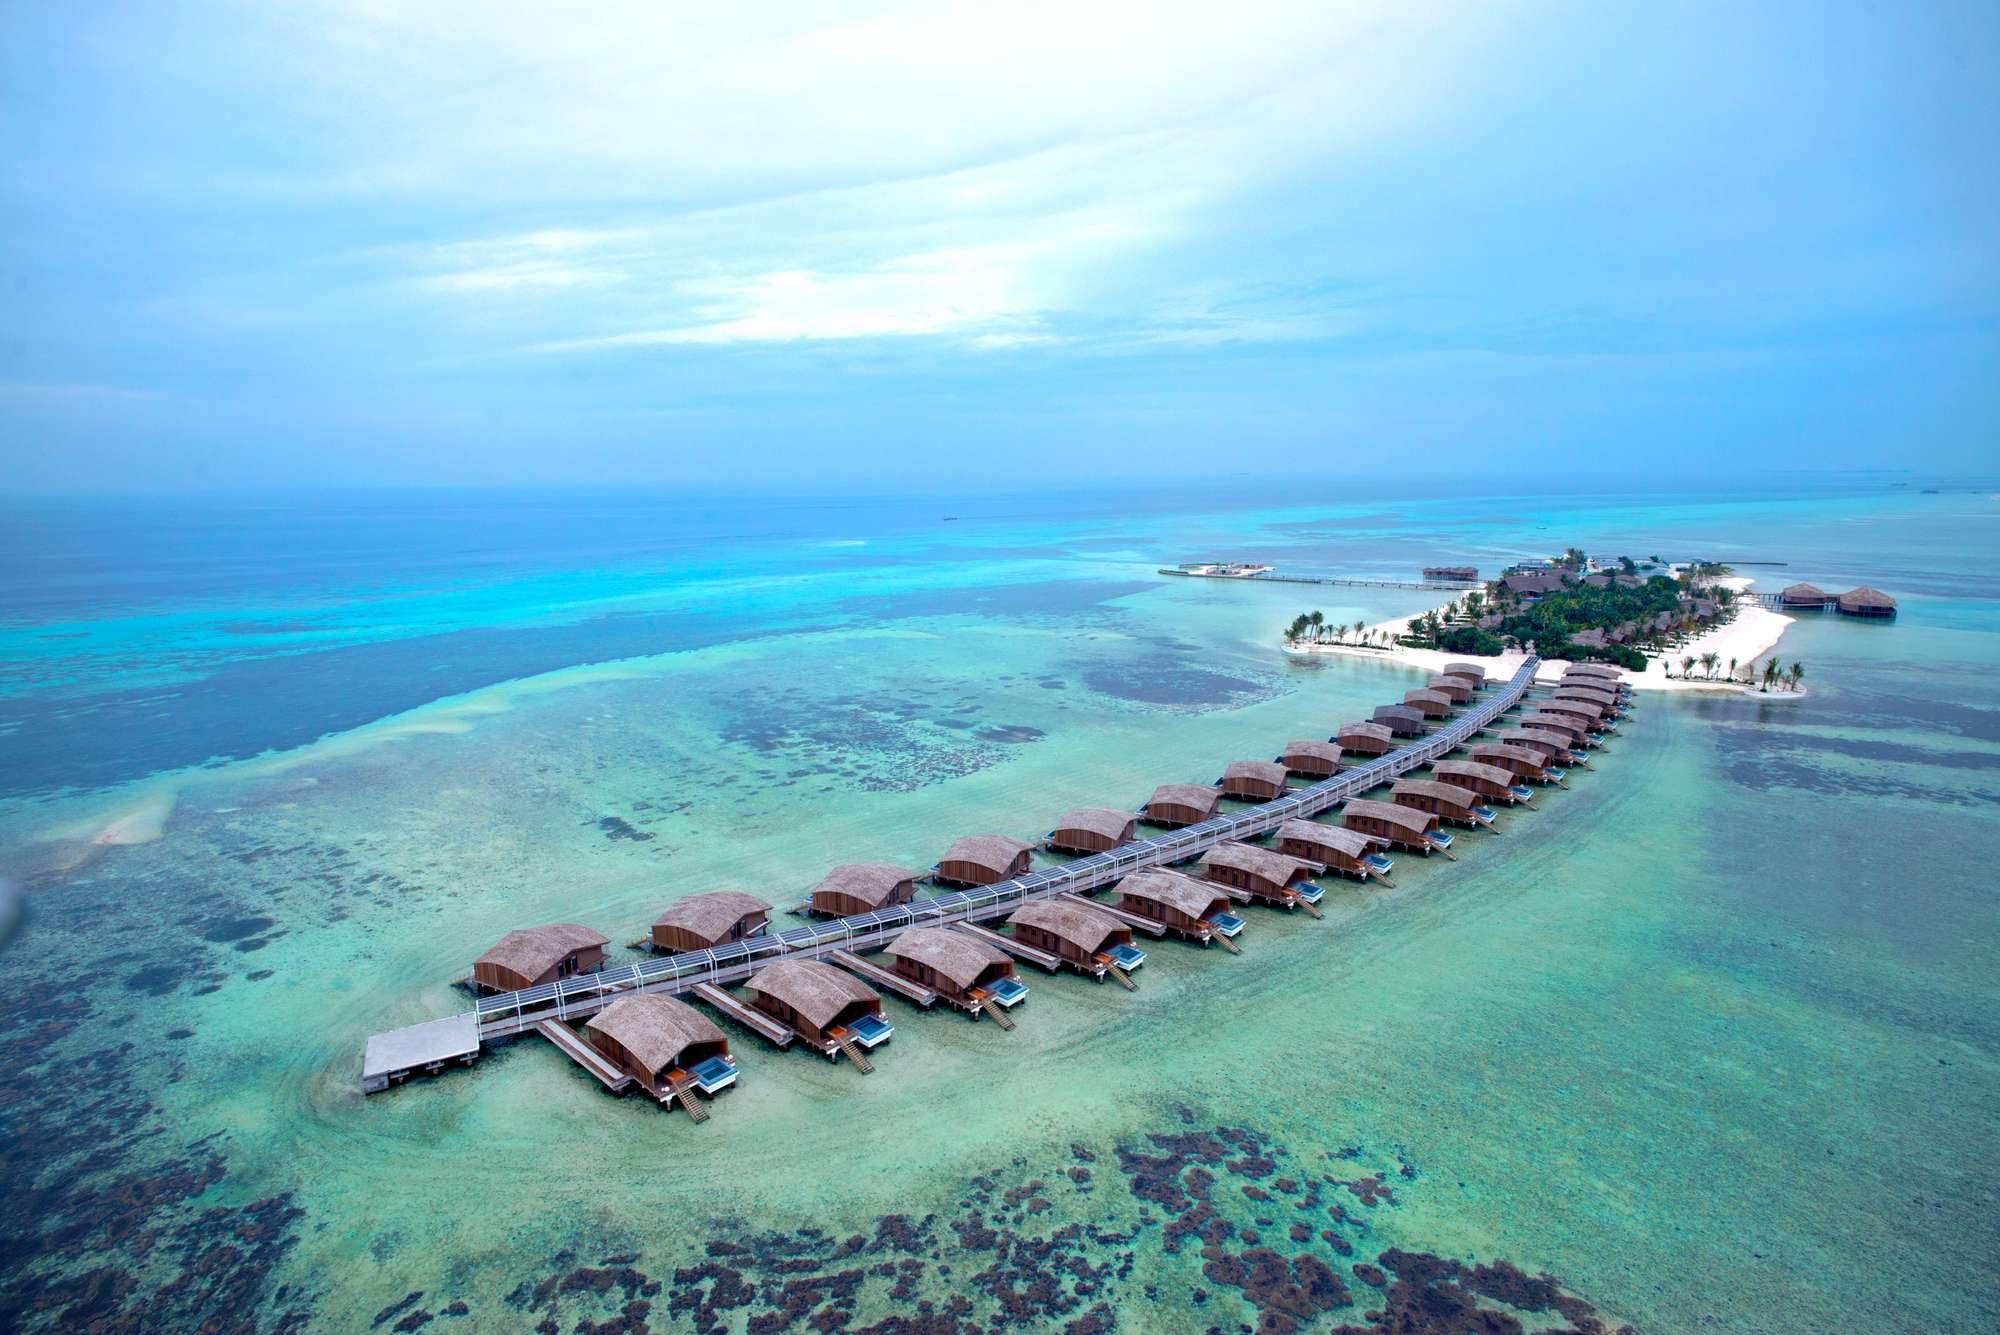 Роскошные эко-виллы на частном атолле на Мальдивах. Удовольствие для тех, кто ценит эксклюзивность и ищет истинное воплощение Рая на Земле...